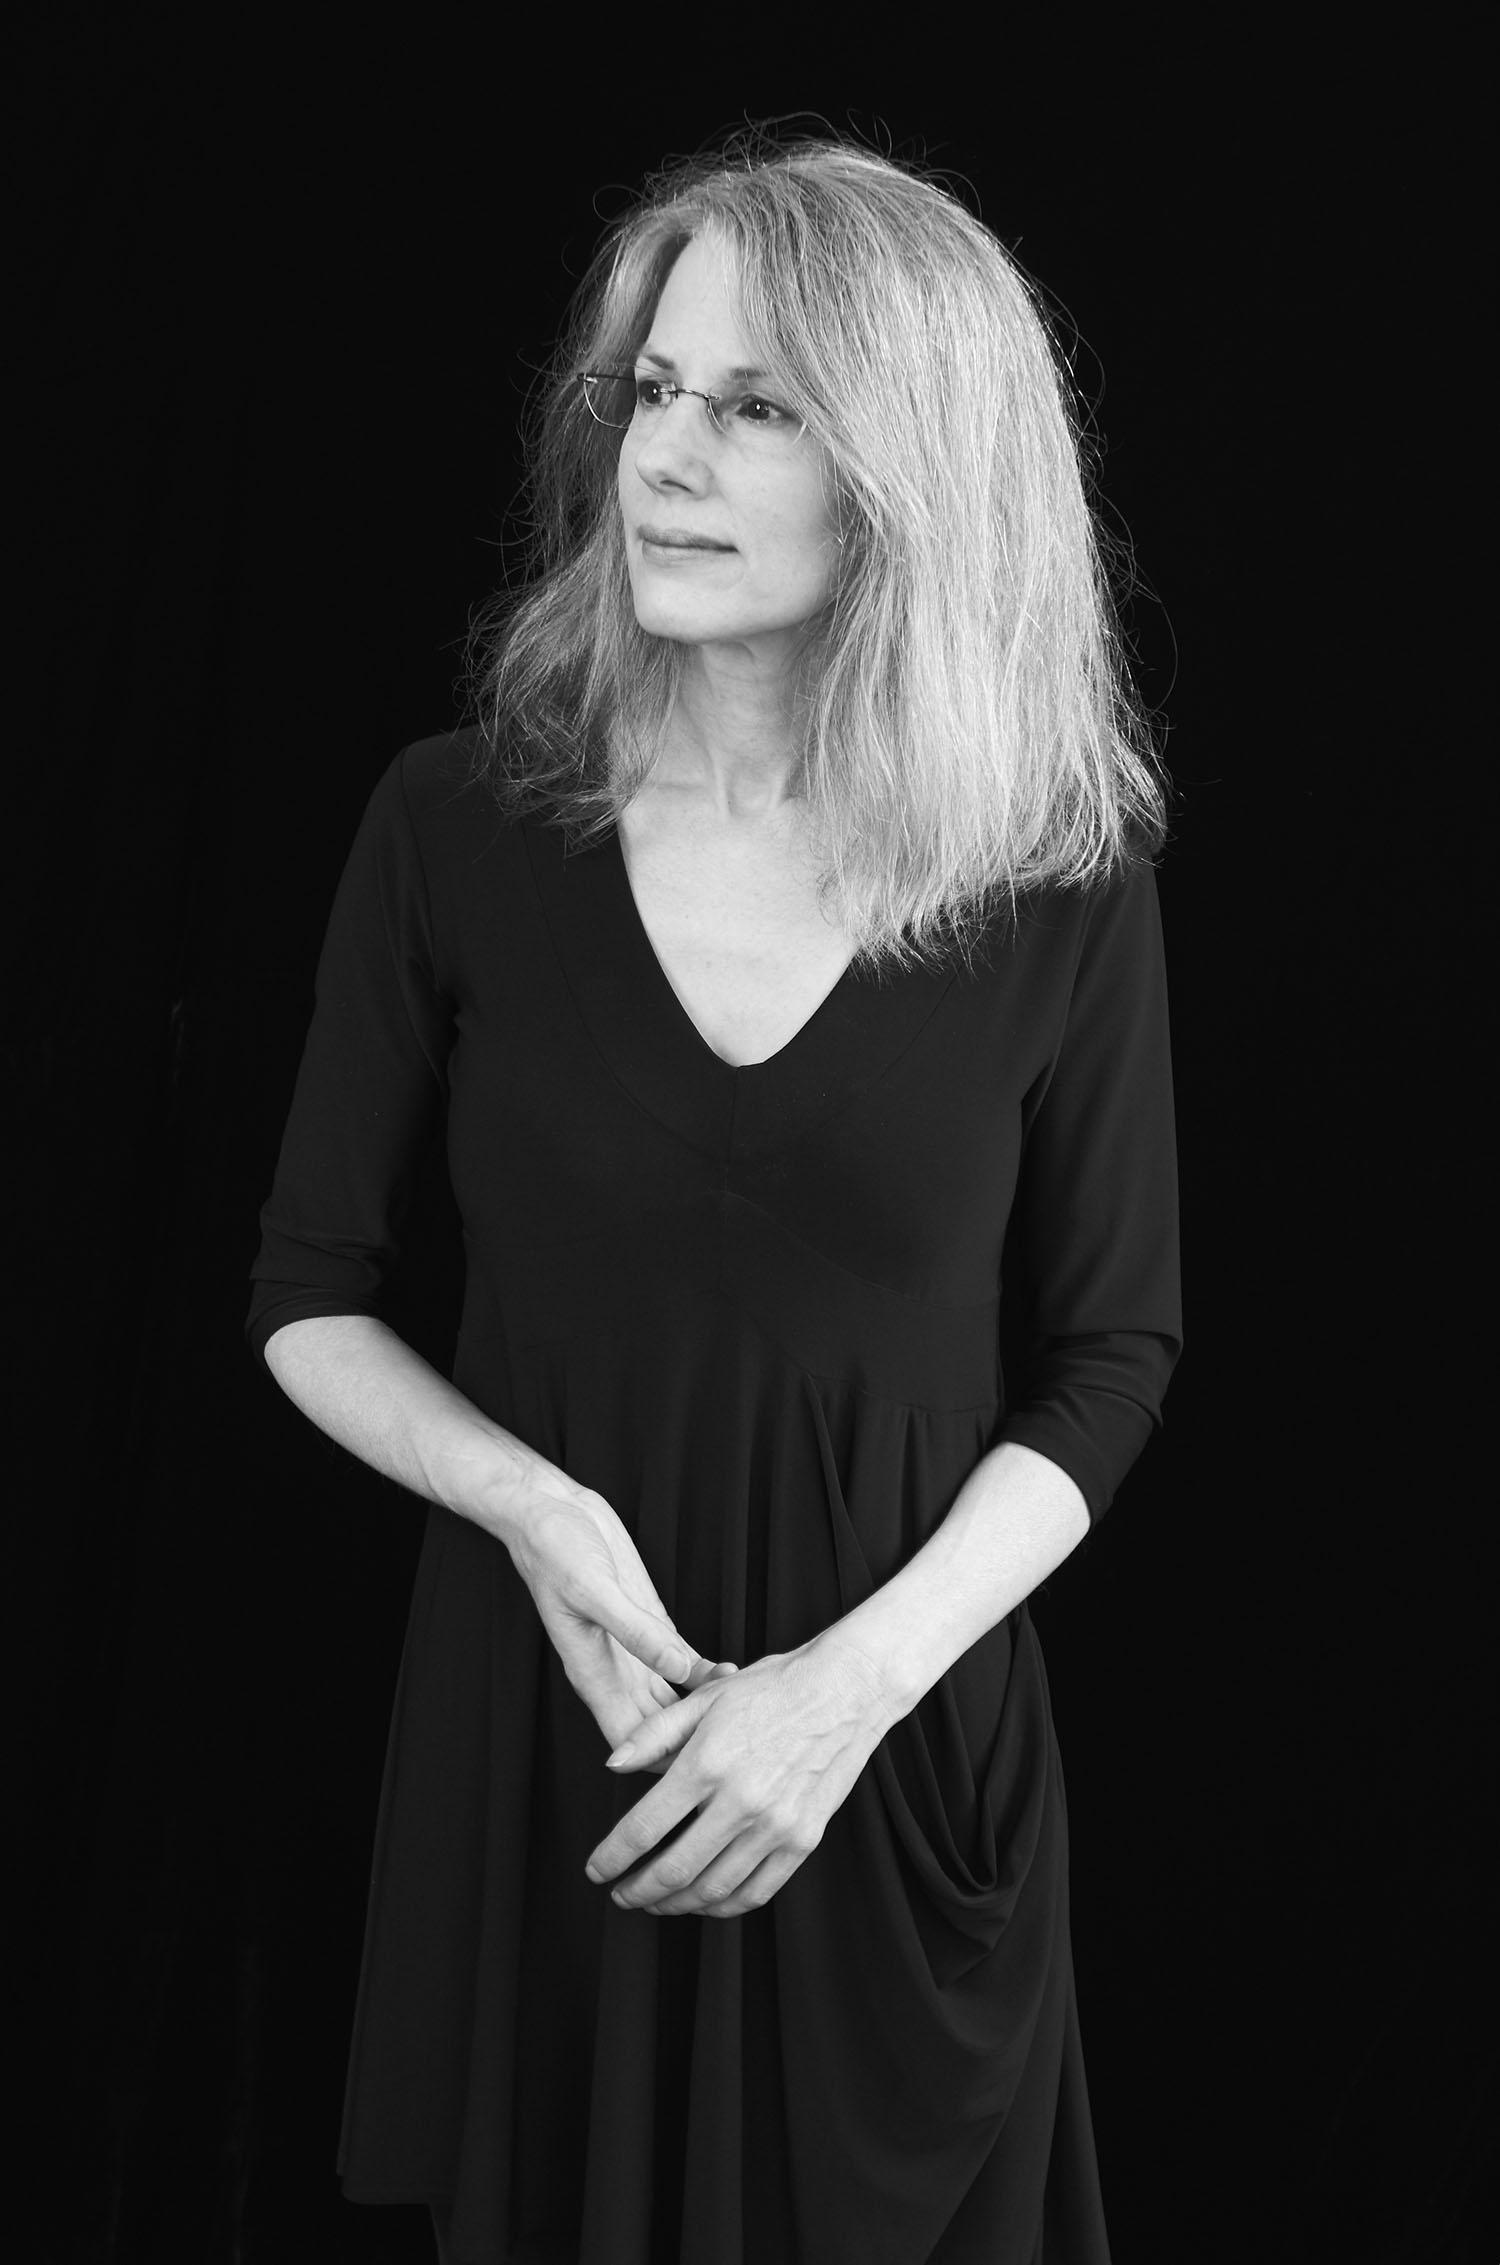 Kathy Para, writer. June 29, 2013